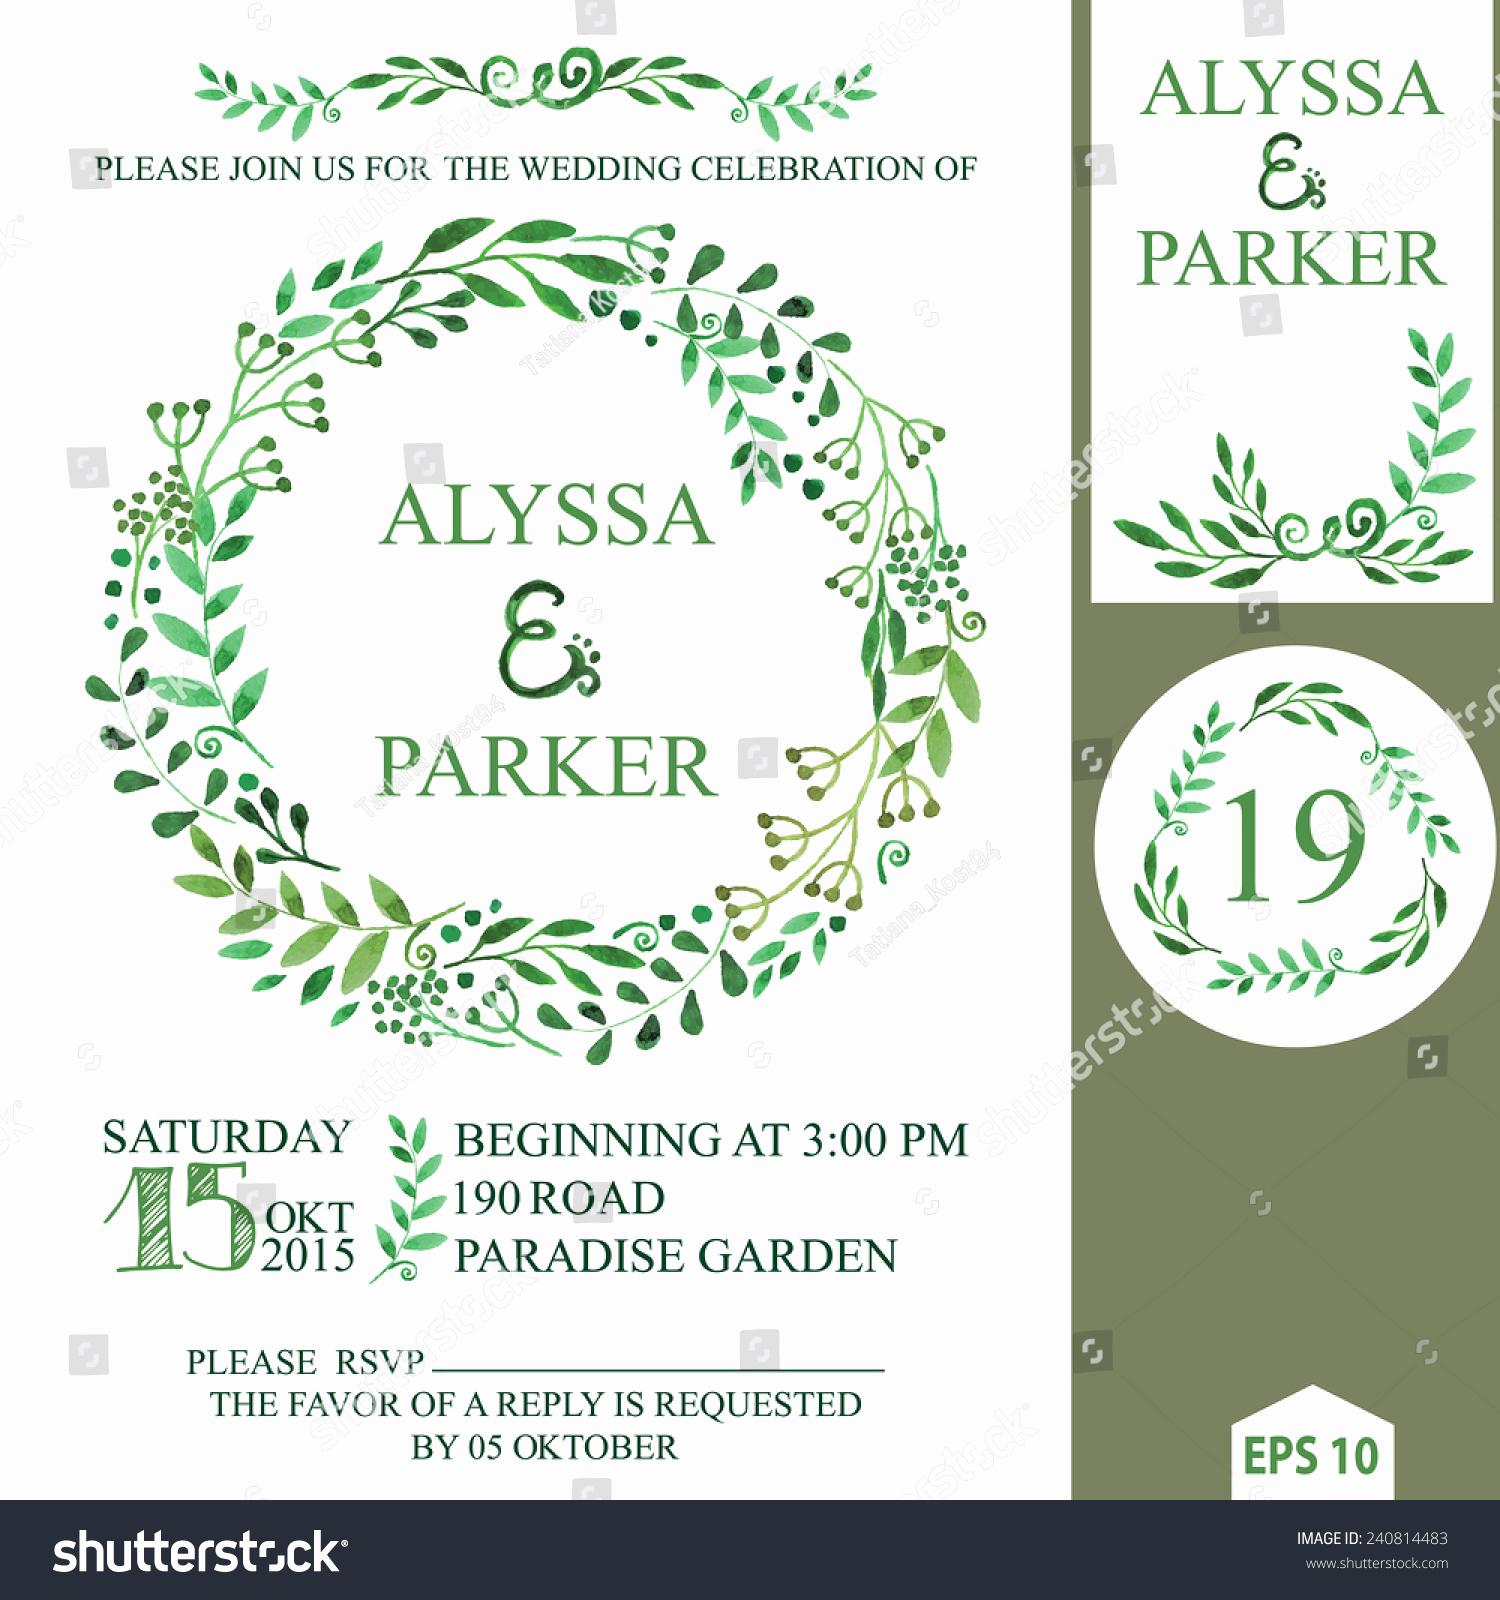 Wedding Invitation Design Templates Unique Retro Wedding Invitation Design Template Watercolor Stock